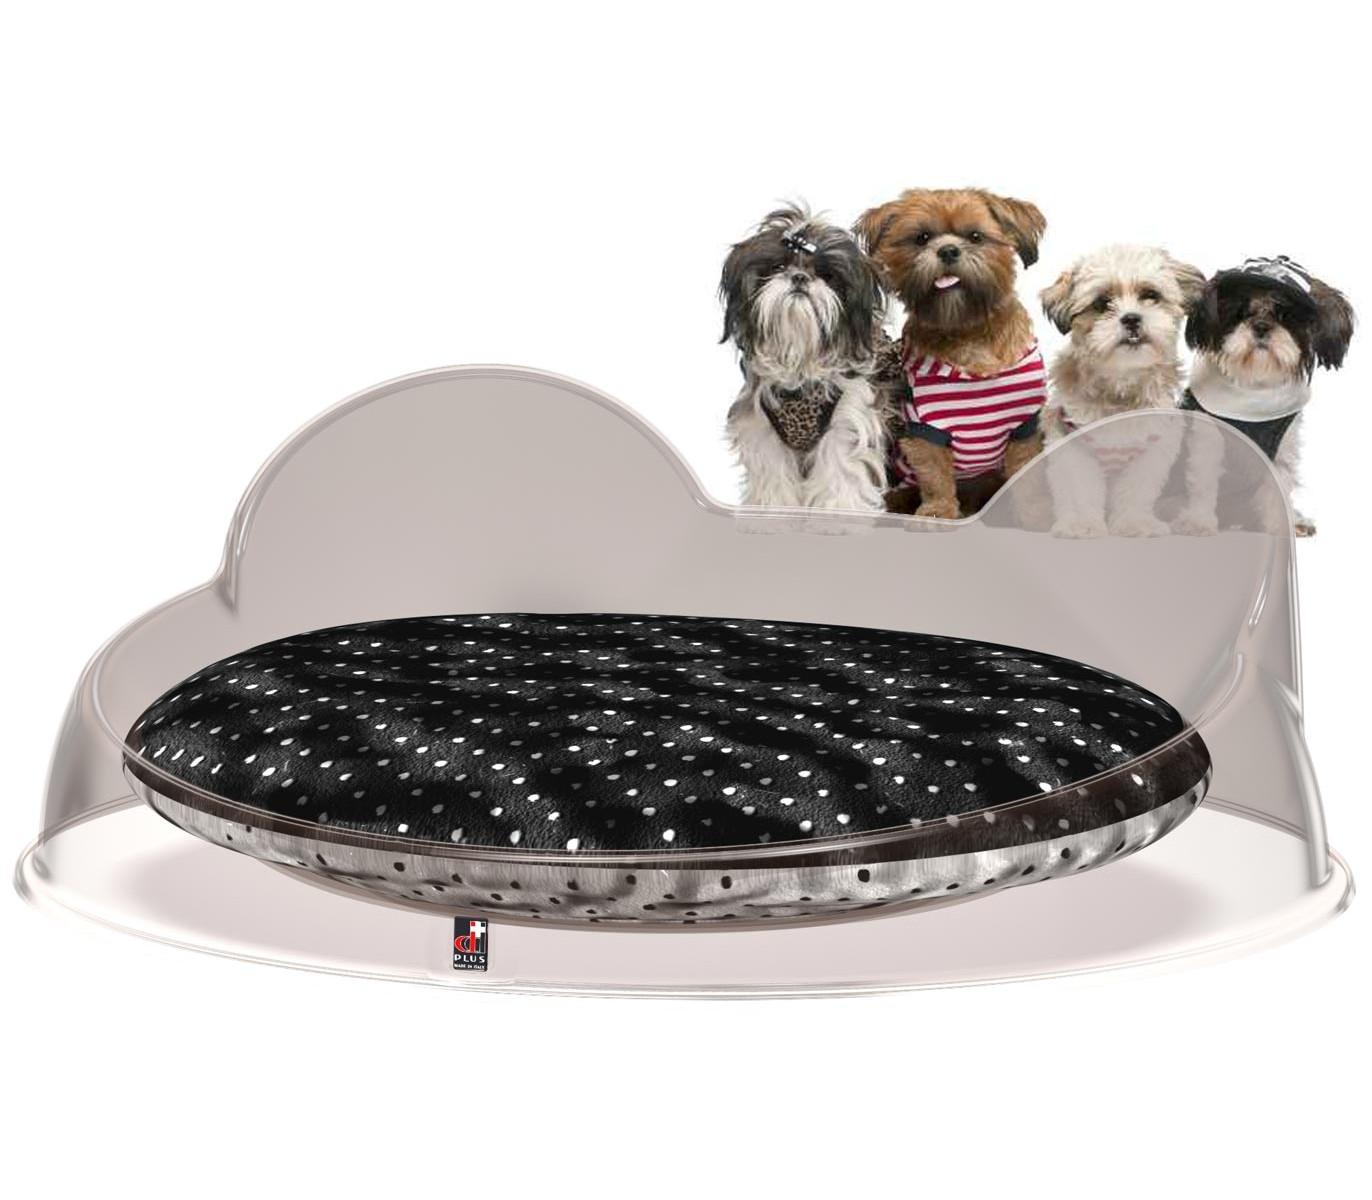 Cucce Design Per Cani cucce luxury per cani e gatti, con cuscino sfoderabile da